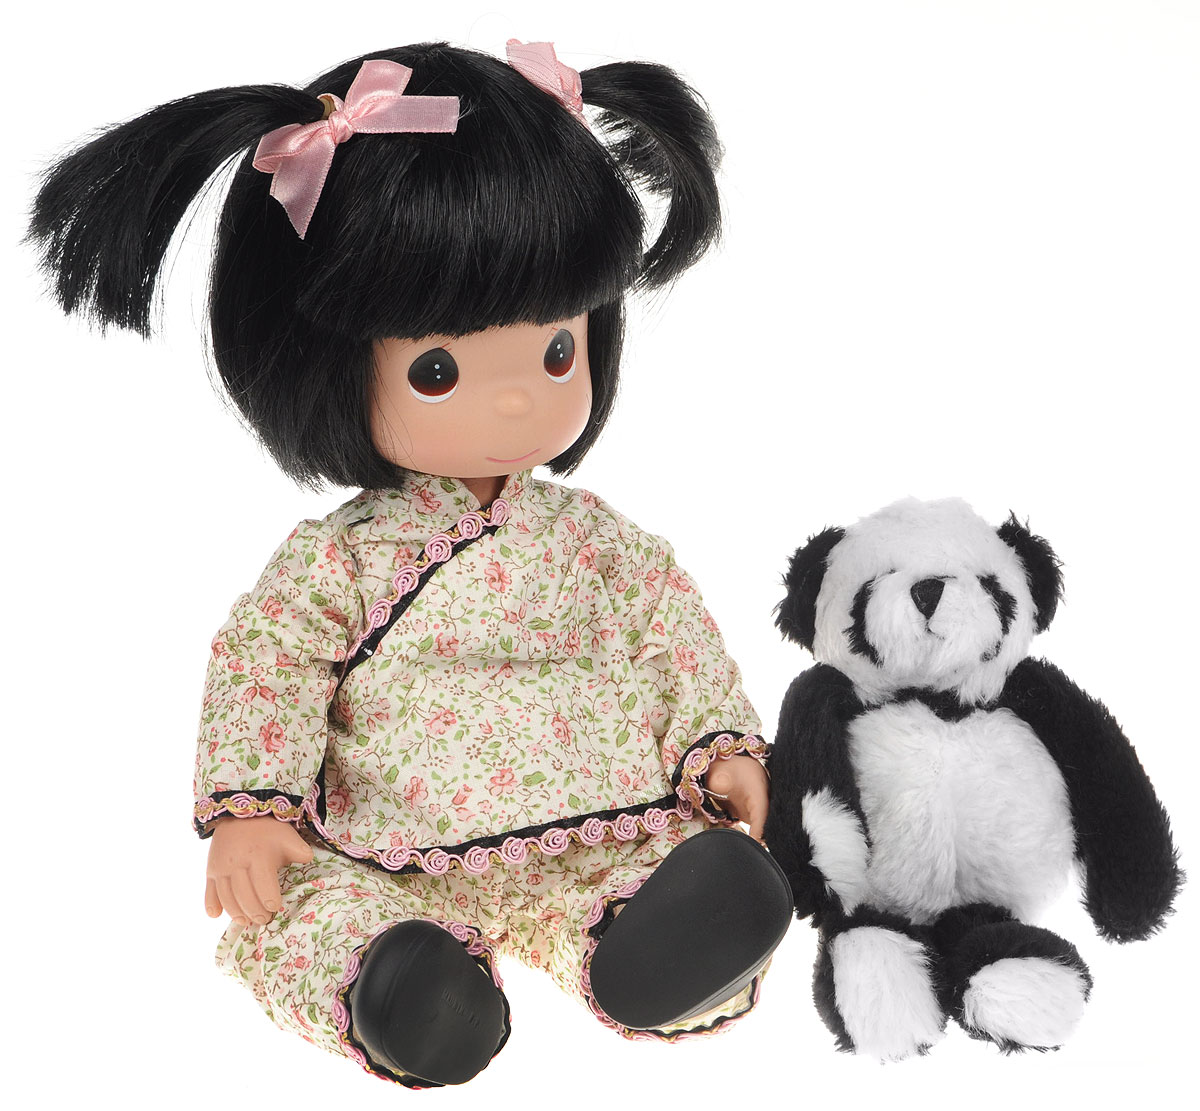 куклы и одежда для кукол precious кукла мир и гармония 30 см Precious Moments Кукла Мир и гармония